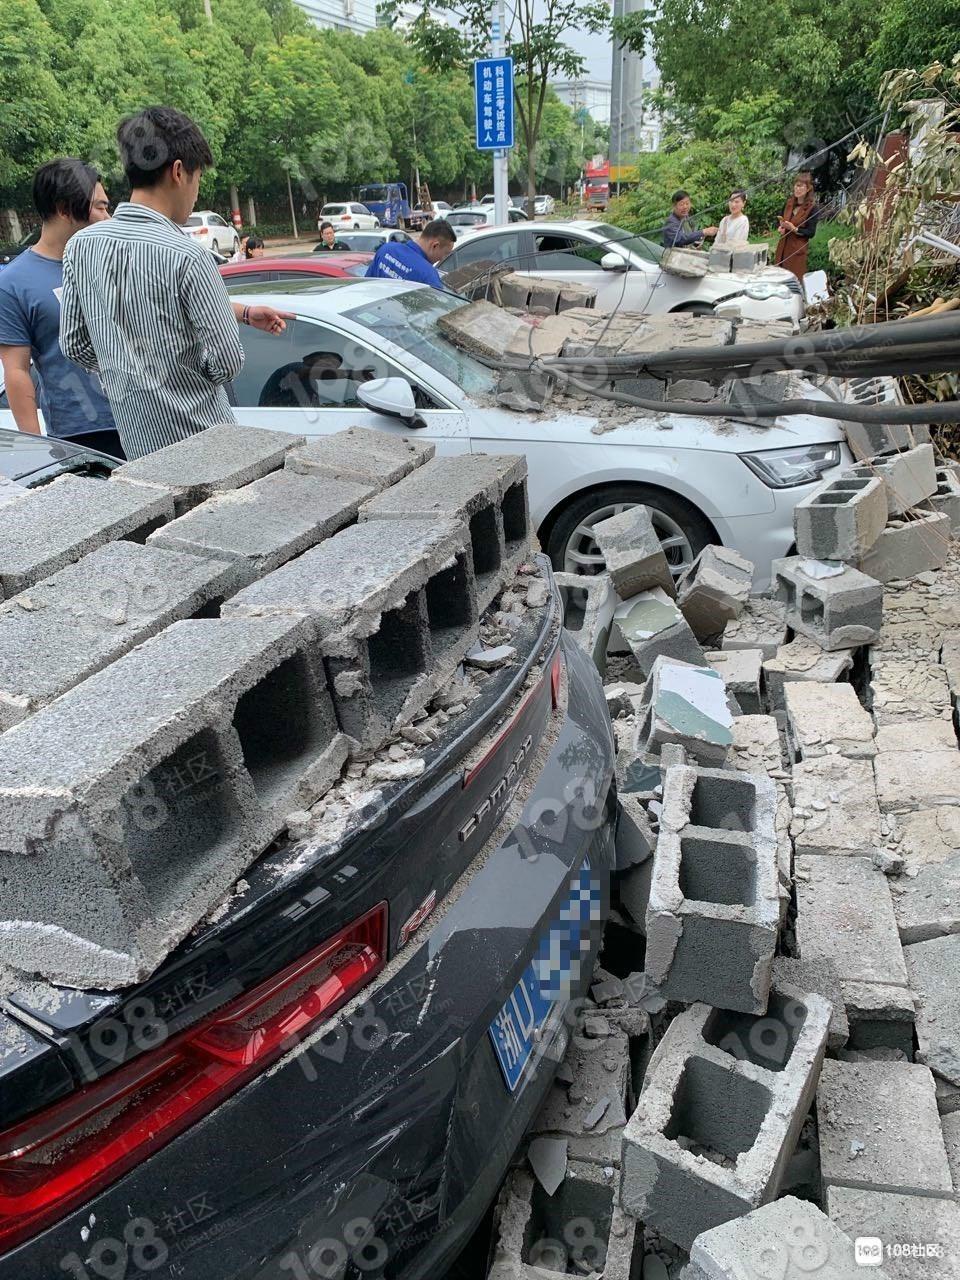 事故再演!去年压坏多辆小车,加佳路新砌的墙又倒了